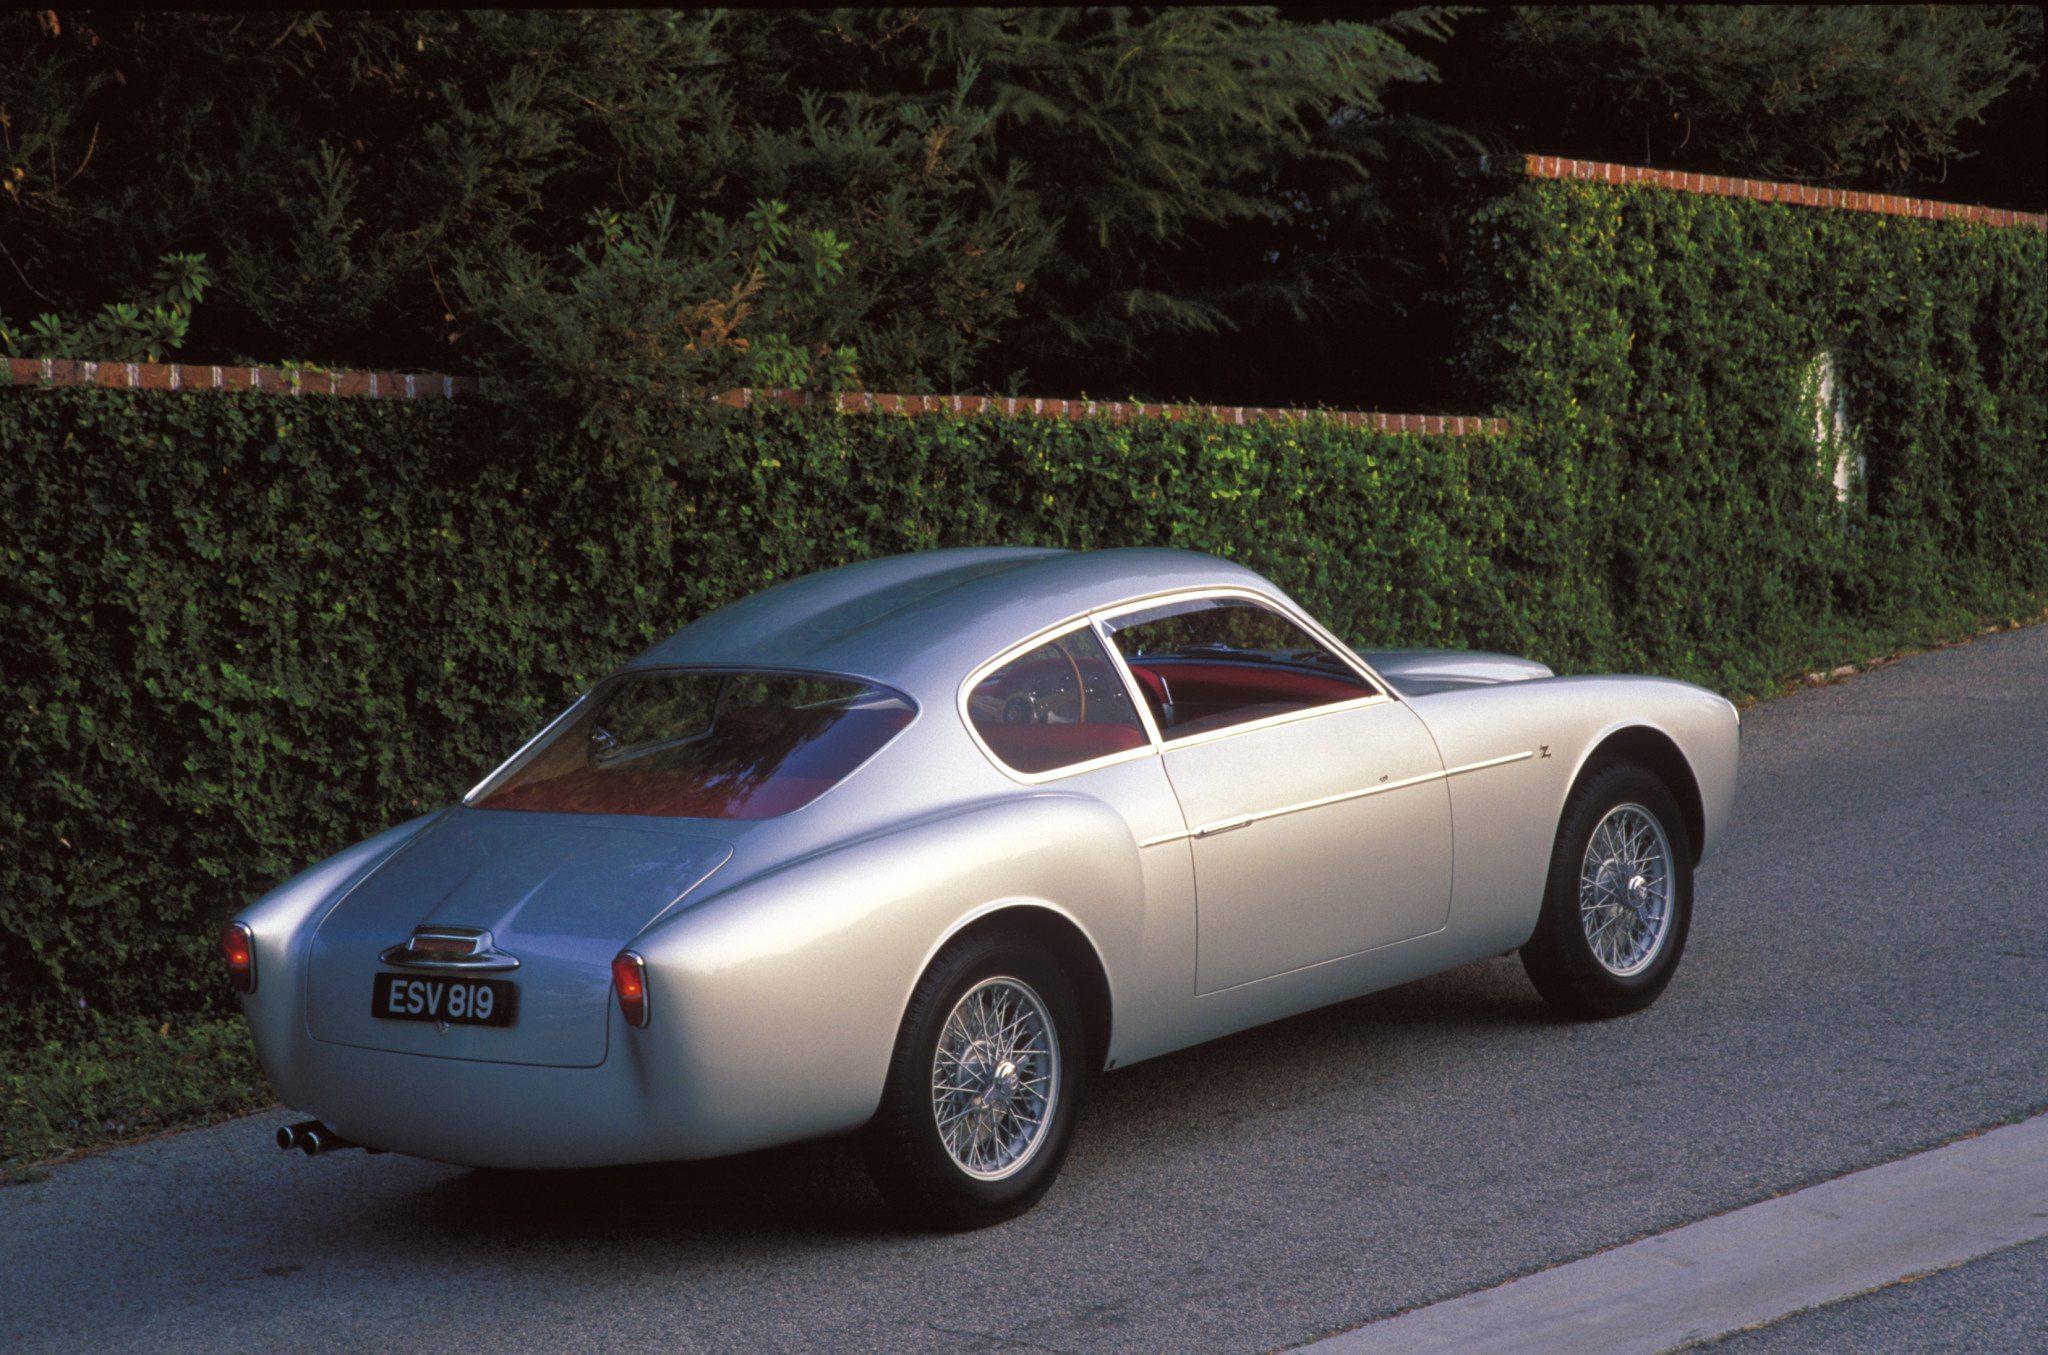 1956 Alfa Romeo 1900 SS Zagato Double Bubble Coupe Rear